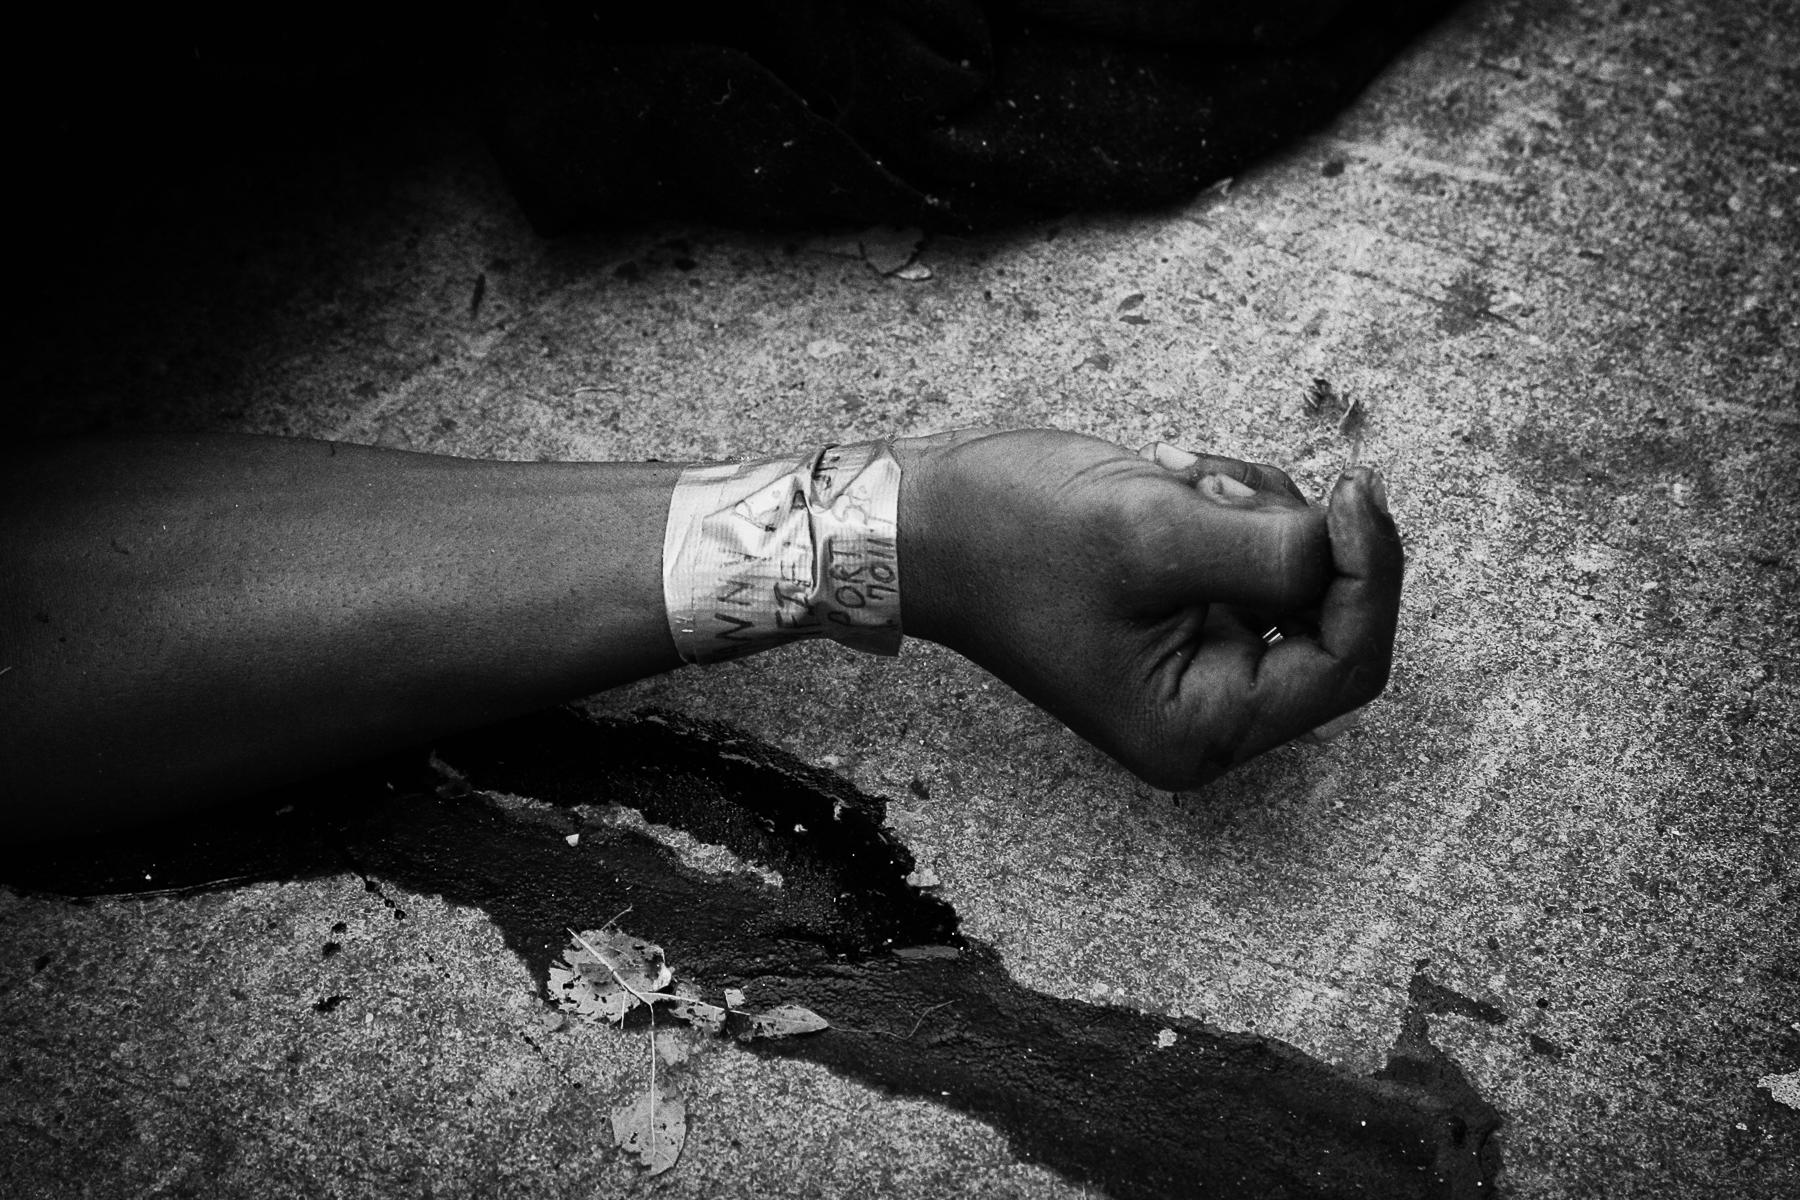 USA, septembre 2005. Un suspect de vol abattu par la police dans les rues de la Nouvelle Orléans après le passage de l'ouragan Katrina.USA, September 2005. A suspect of robery shoot by the police lies in the street of New Orleans after Katrina's disaster.